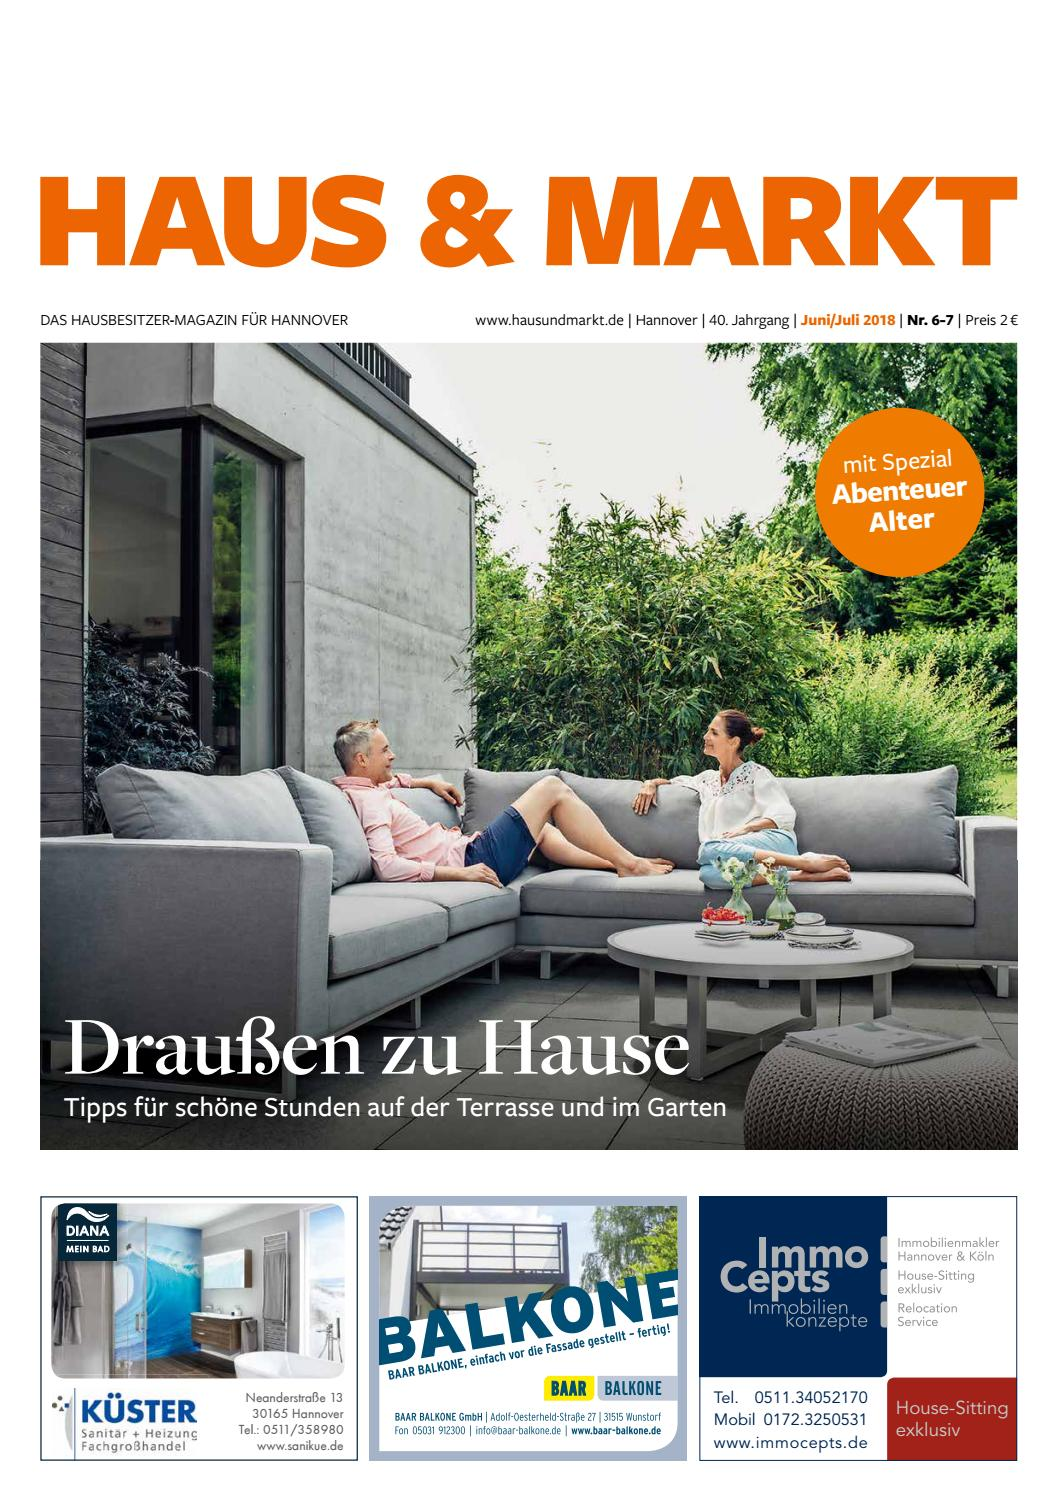 Groß Hocheffiziente Kessel Für Zu Hause Fotos - Verdrahtungsideen ...